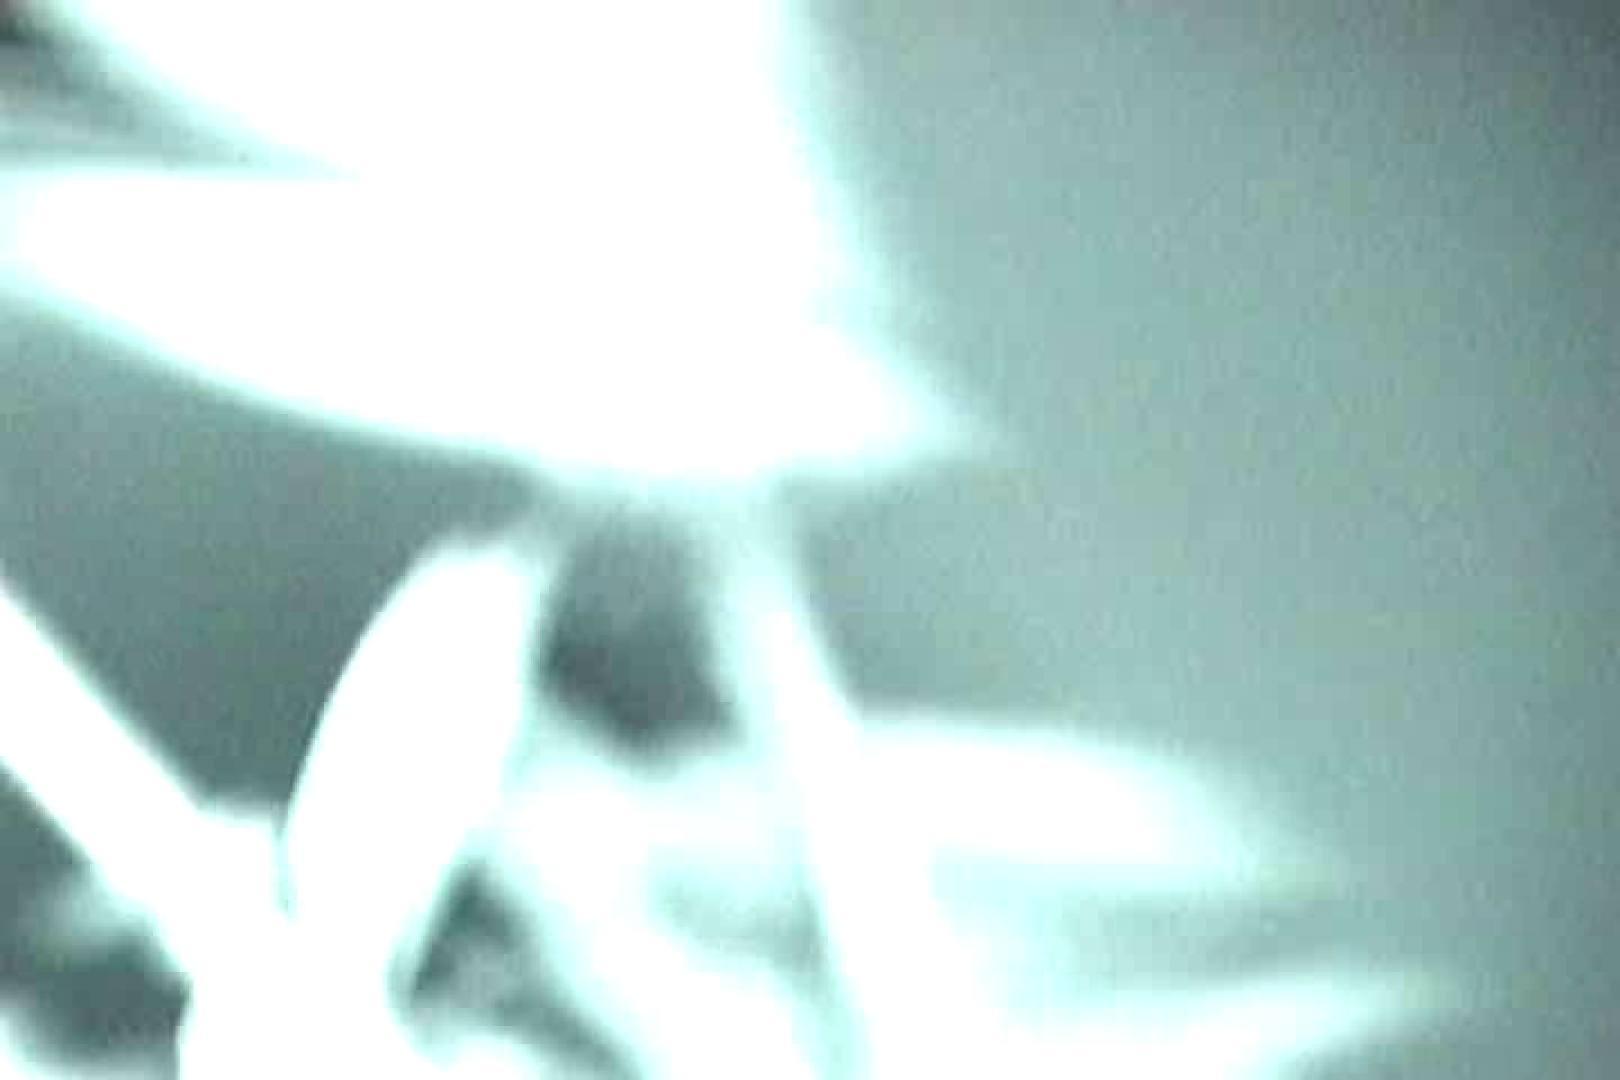 充血監督の深夜の運動会Vol.9 エロティックなOL | カップル盗撮  63画像 58